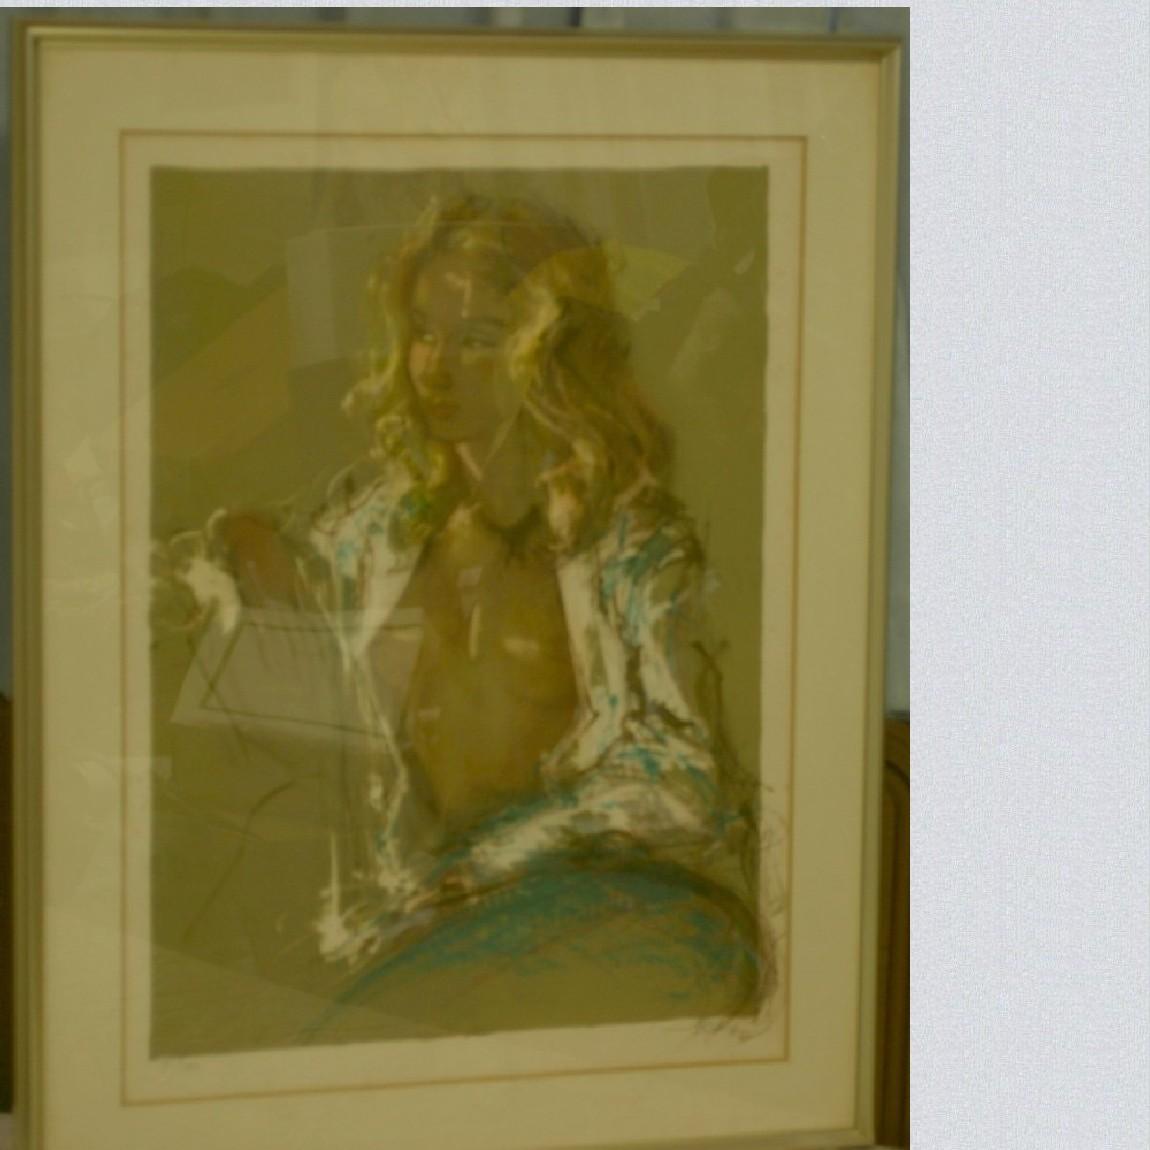 【中古】本物綺麗な貴婦人の大きいリトグラフ91x70センチ展示品118/200 3-A